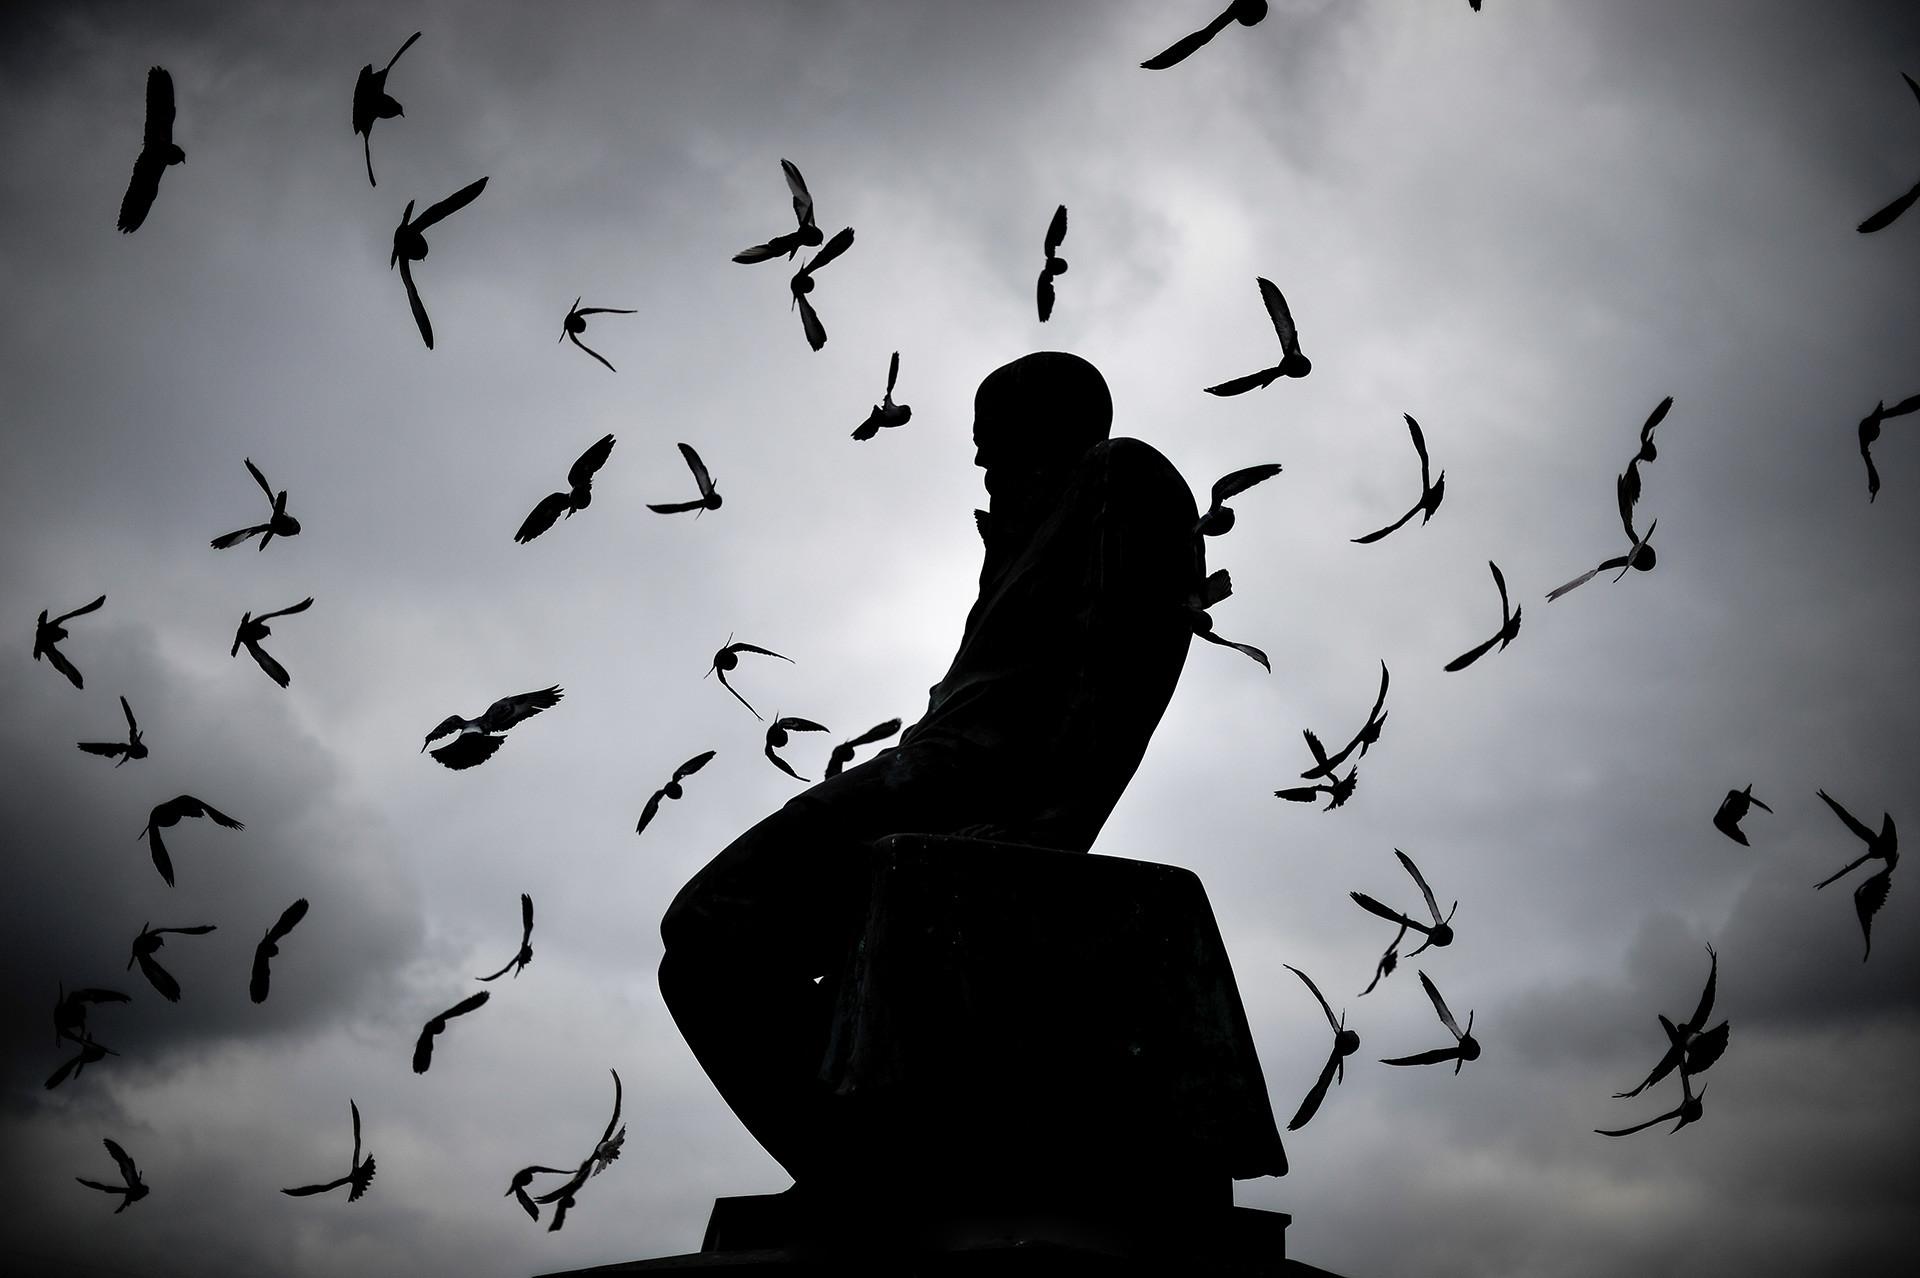 Monumento a Dostoiévski em frente à Biblioteca Estatal Russa Lênin, em Moscou.